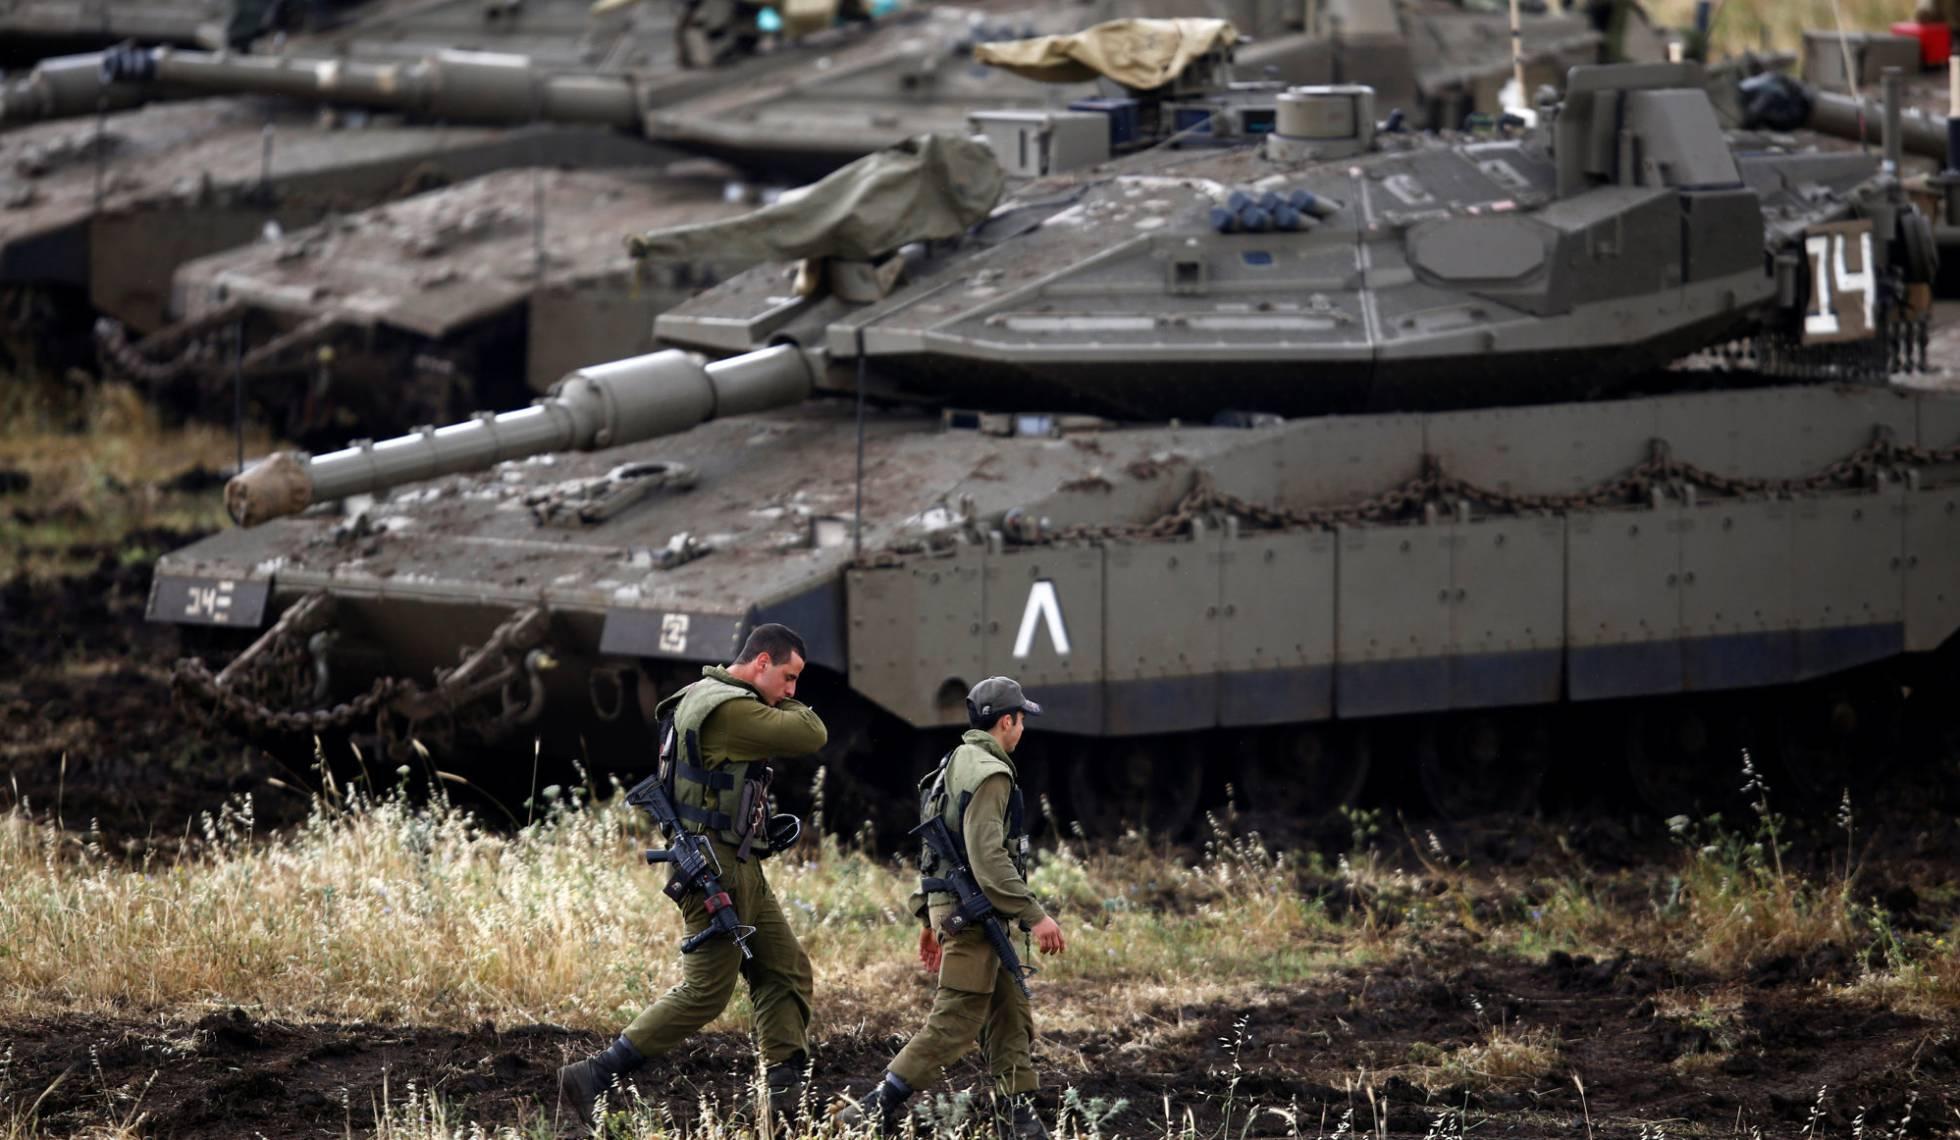 Israel en el conflicto en Siria - Página 11 1525906227_166685_1525906448_noticia_normal_recorte1